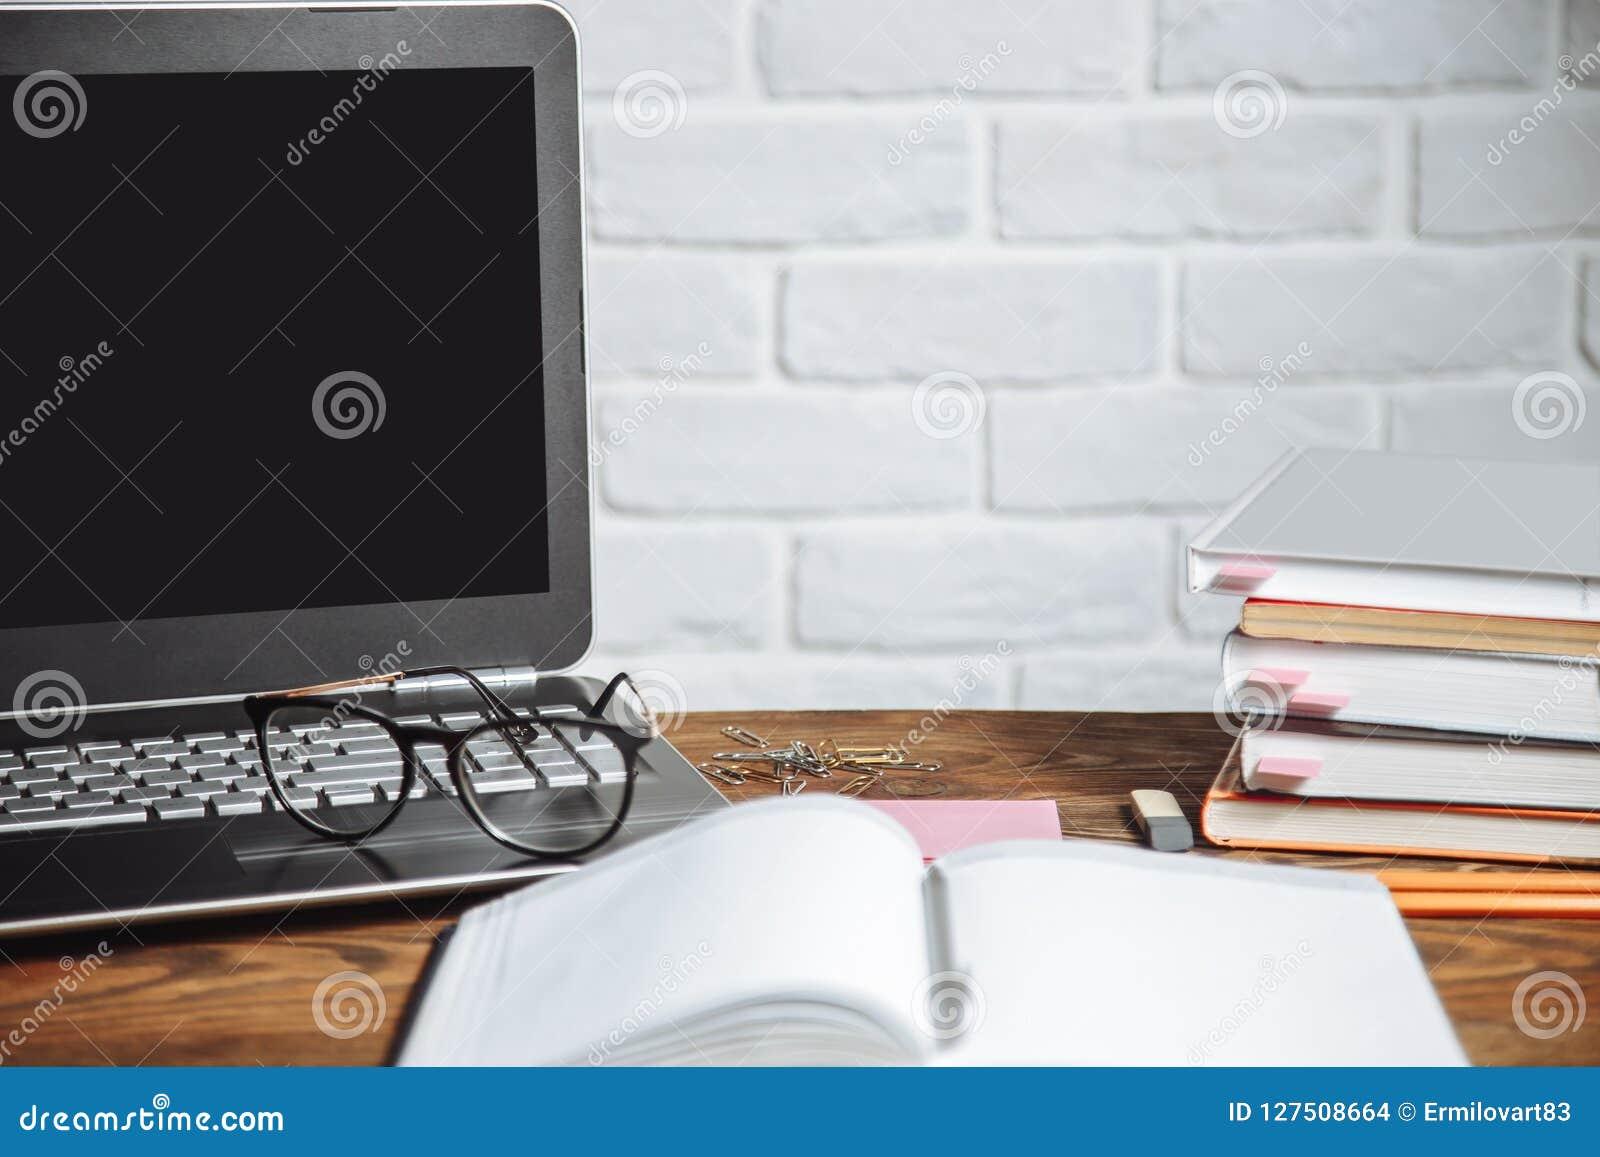 Büroarbeitsplatz mit offenem Laptop Arbeitsplatz des Geschäftsmannes oder des Studenten - Notizbücher, Stift, Bücher, Kopfhörer a